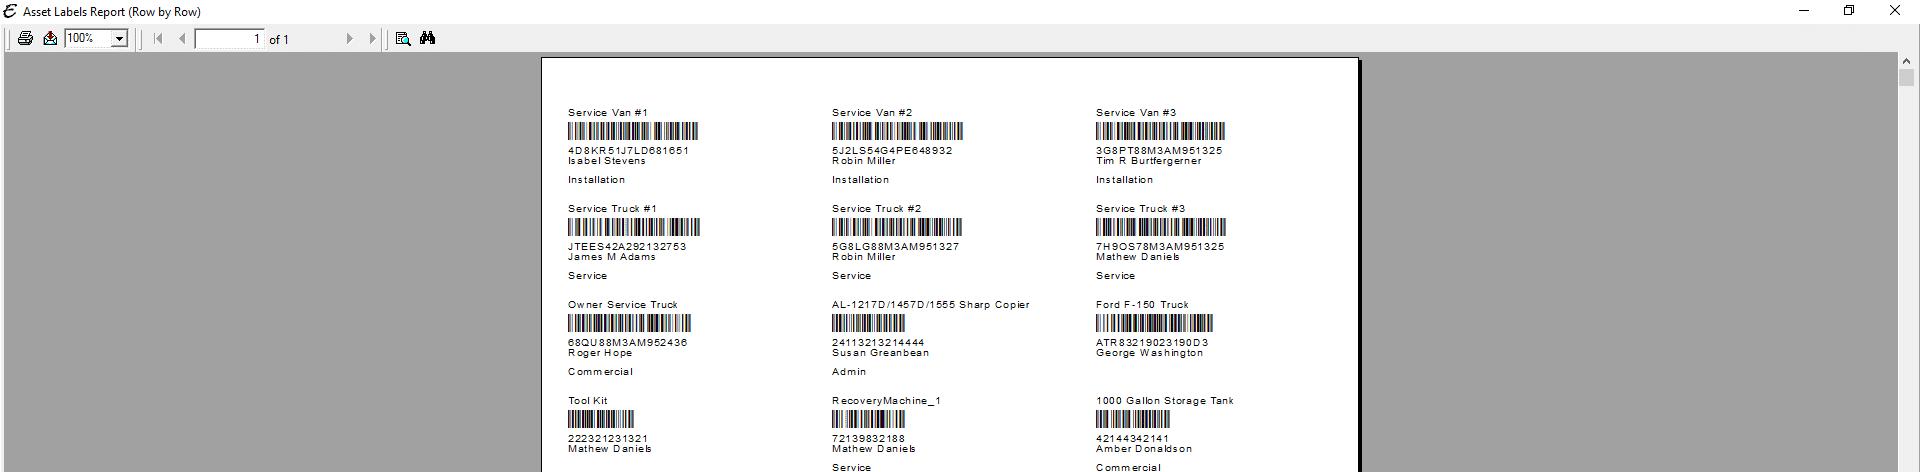 Asset Labels Report PDF